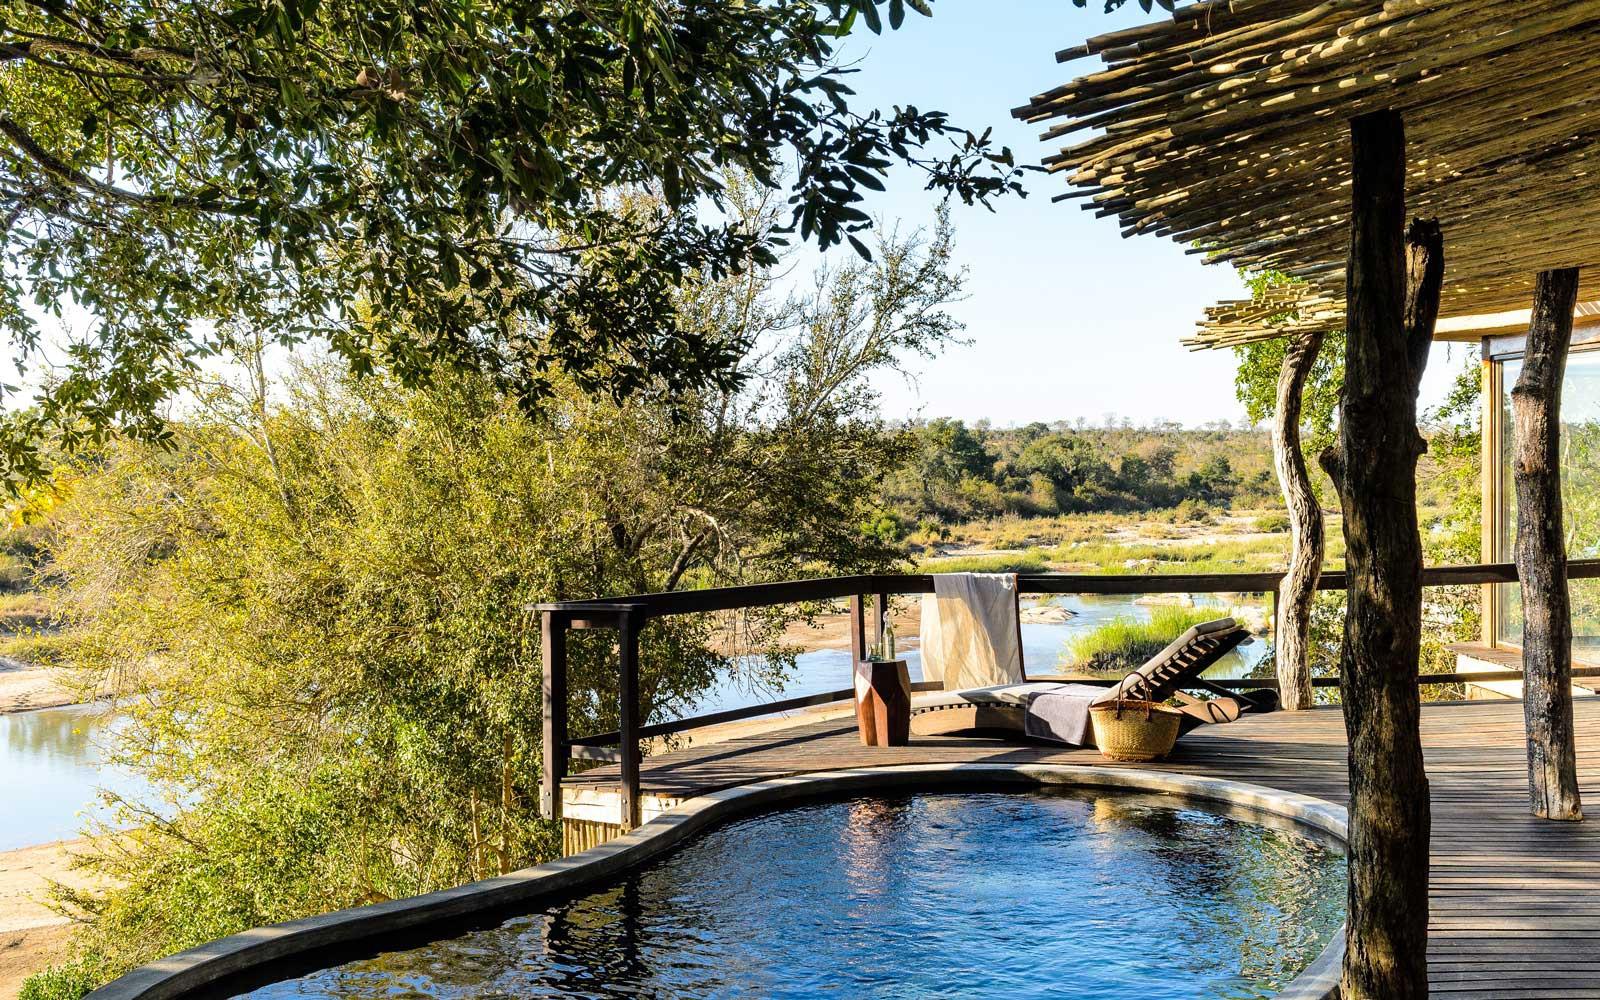 Tạp chí du lịch nổi tiếng công bố 100 khách sạn tốt nhất thế giới, 3 đại diện Việt Nam tự hào lọt top - Ảnh 3.